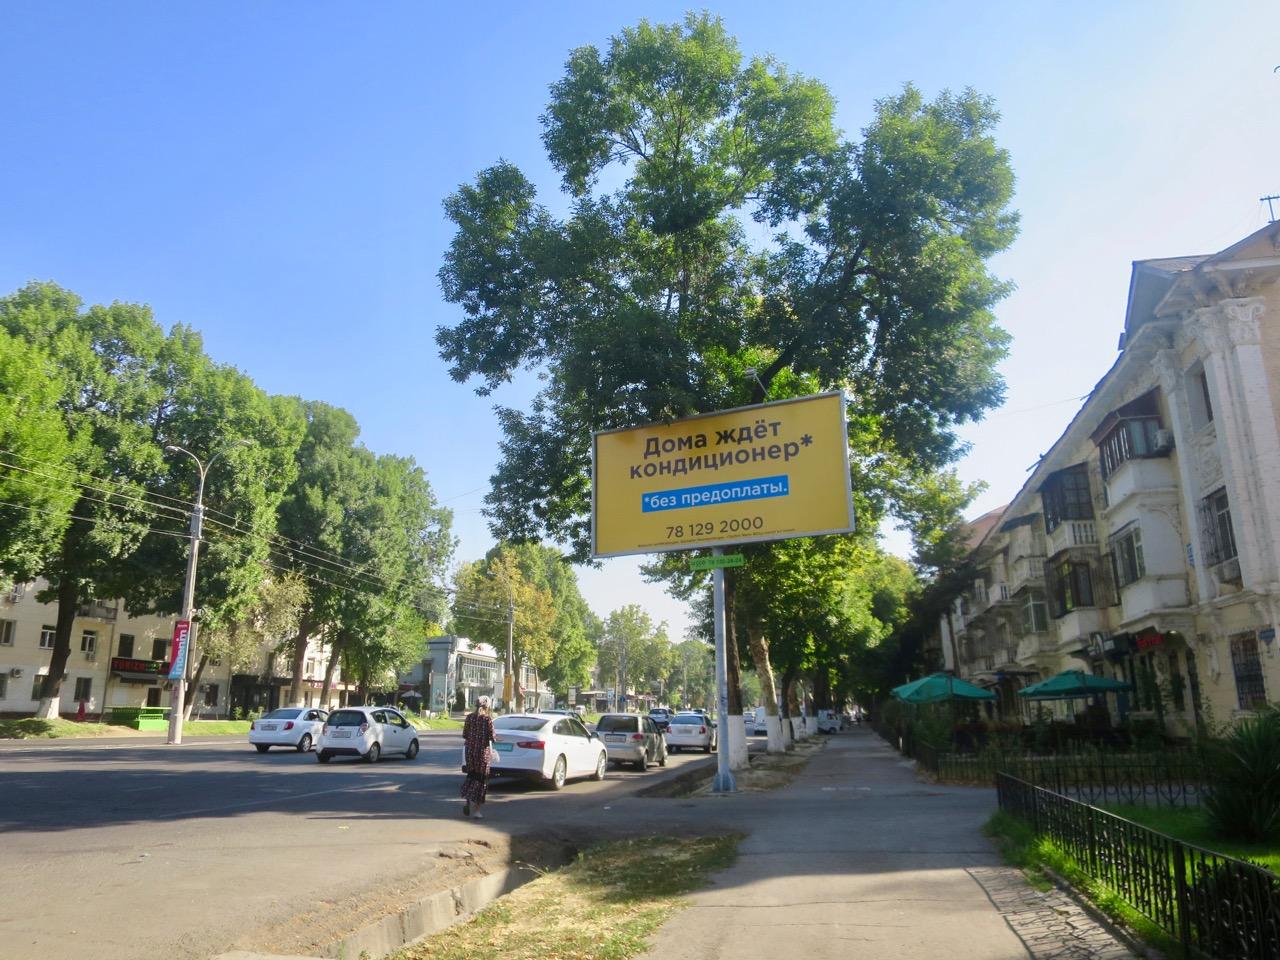 Tashkent 2 24